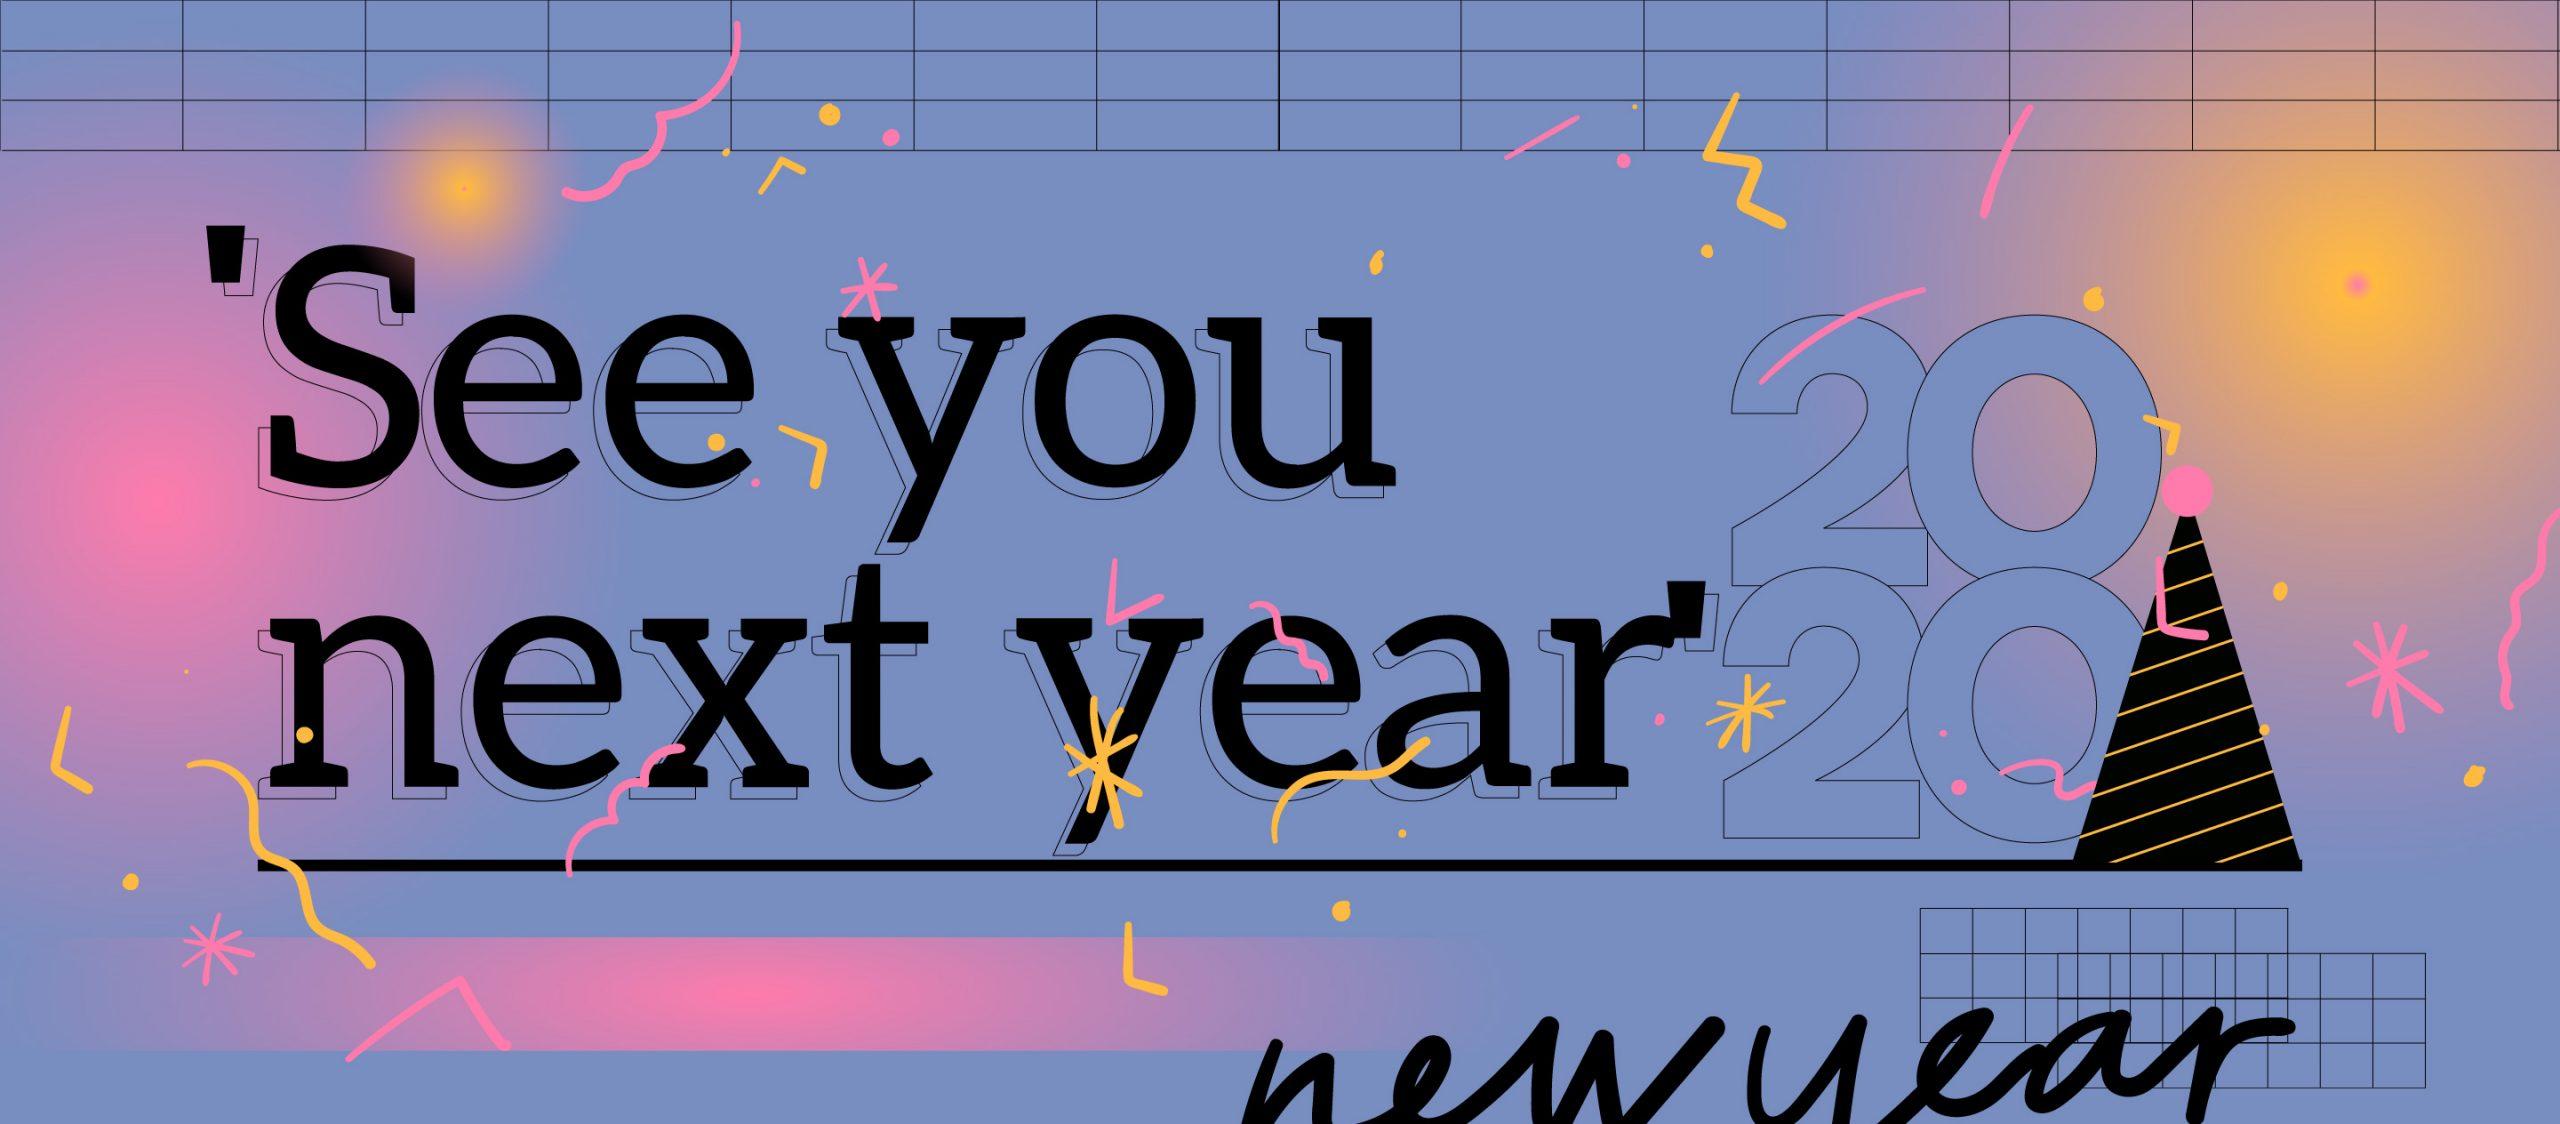 เพลย์ลิสต์บอกลาปีเก่า 'See you next year' ก็มาดิคร้าบ ไอต้าวปีหน้า